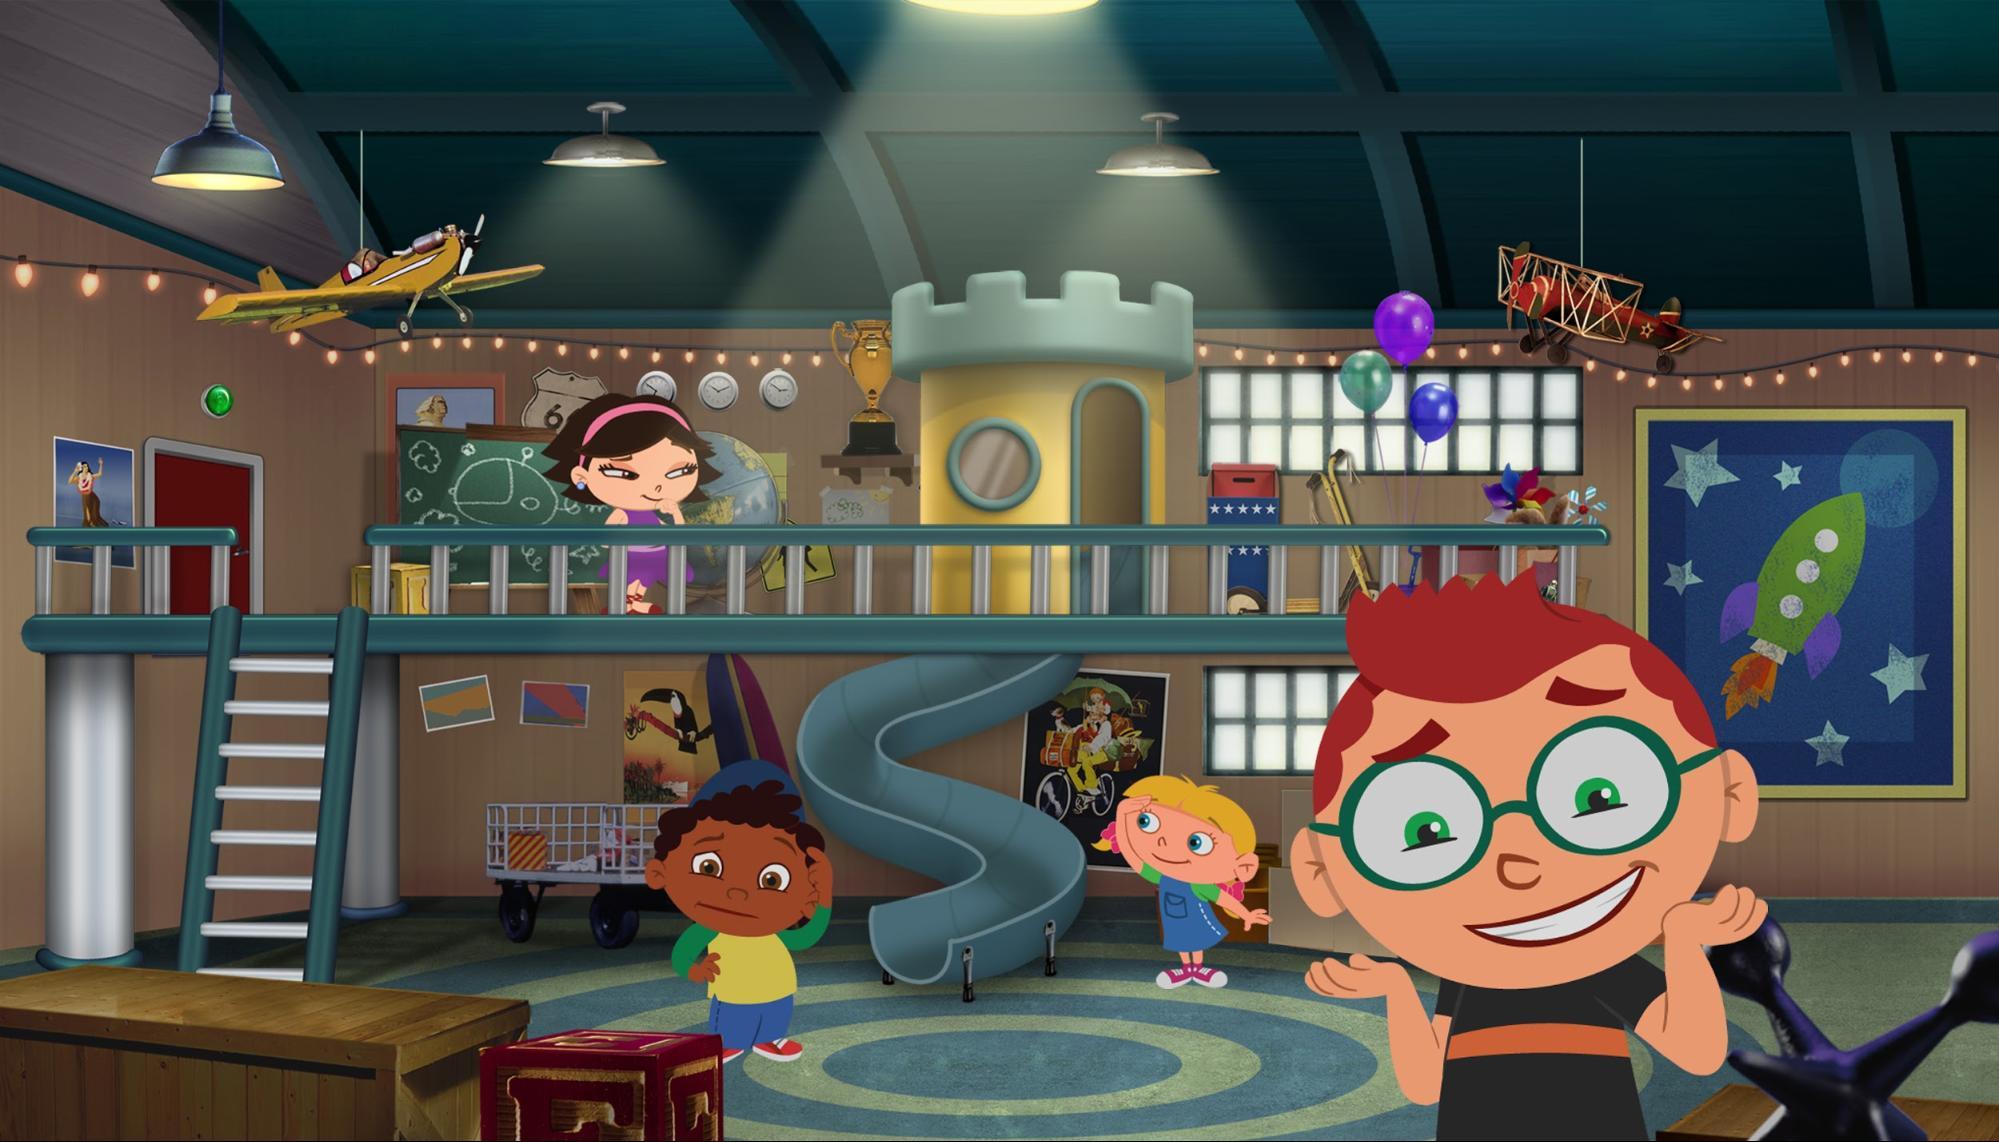 Best Disney Plus Shows For Toddlers - Little Einsteins